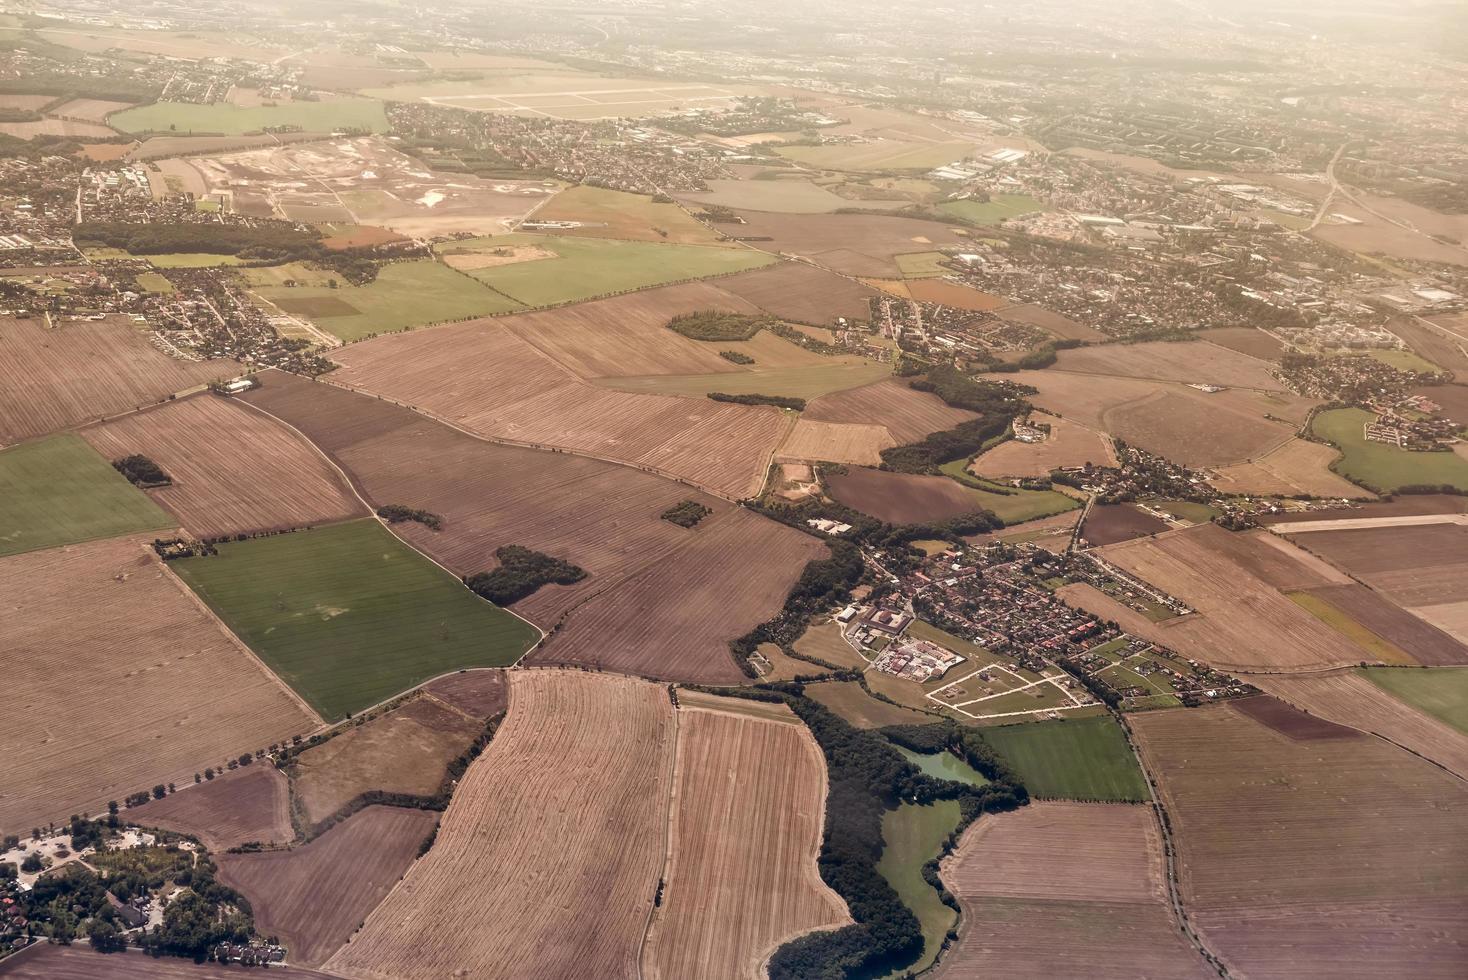 vista aérea de campos agrícolas foto